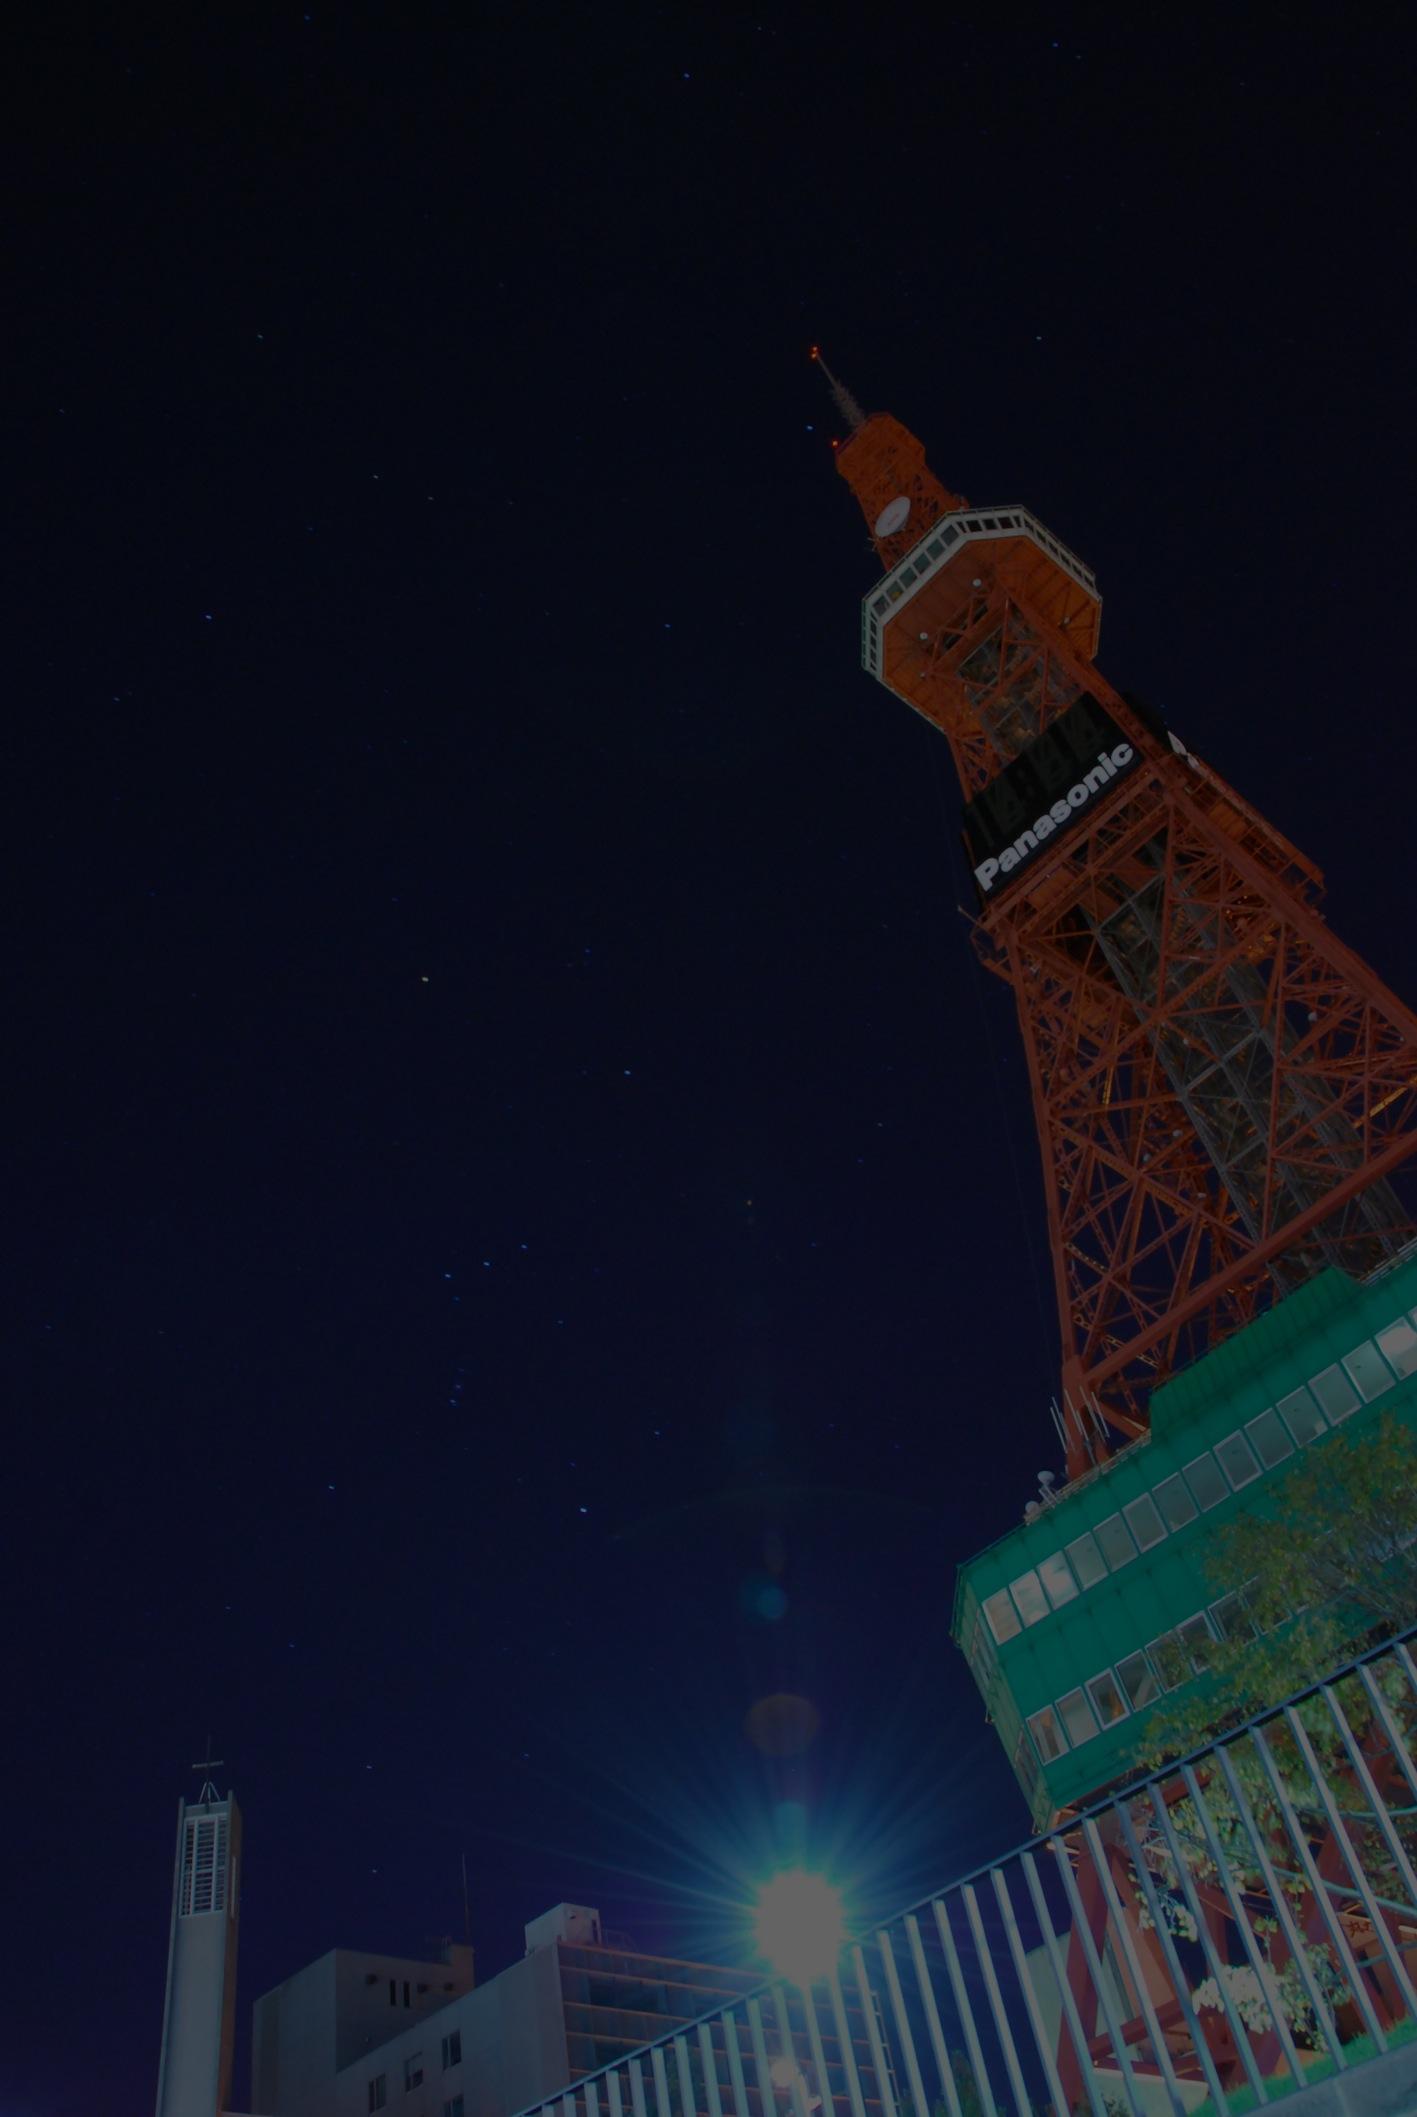 【モントーク】カメラ専用リアキャリア製作(DAY4)&深夜徘徊2 _e0159646_5122133.jpg